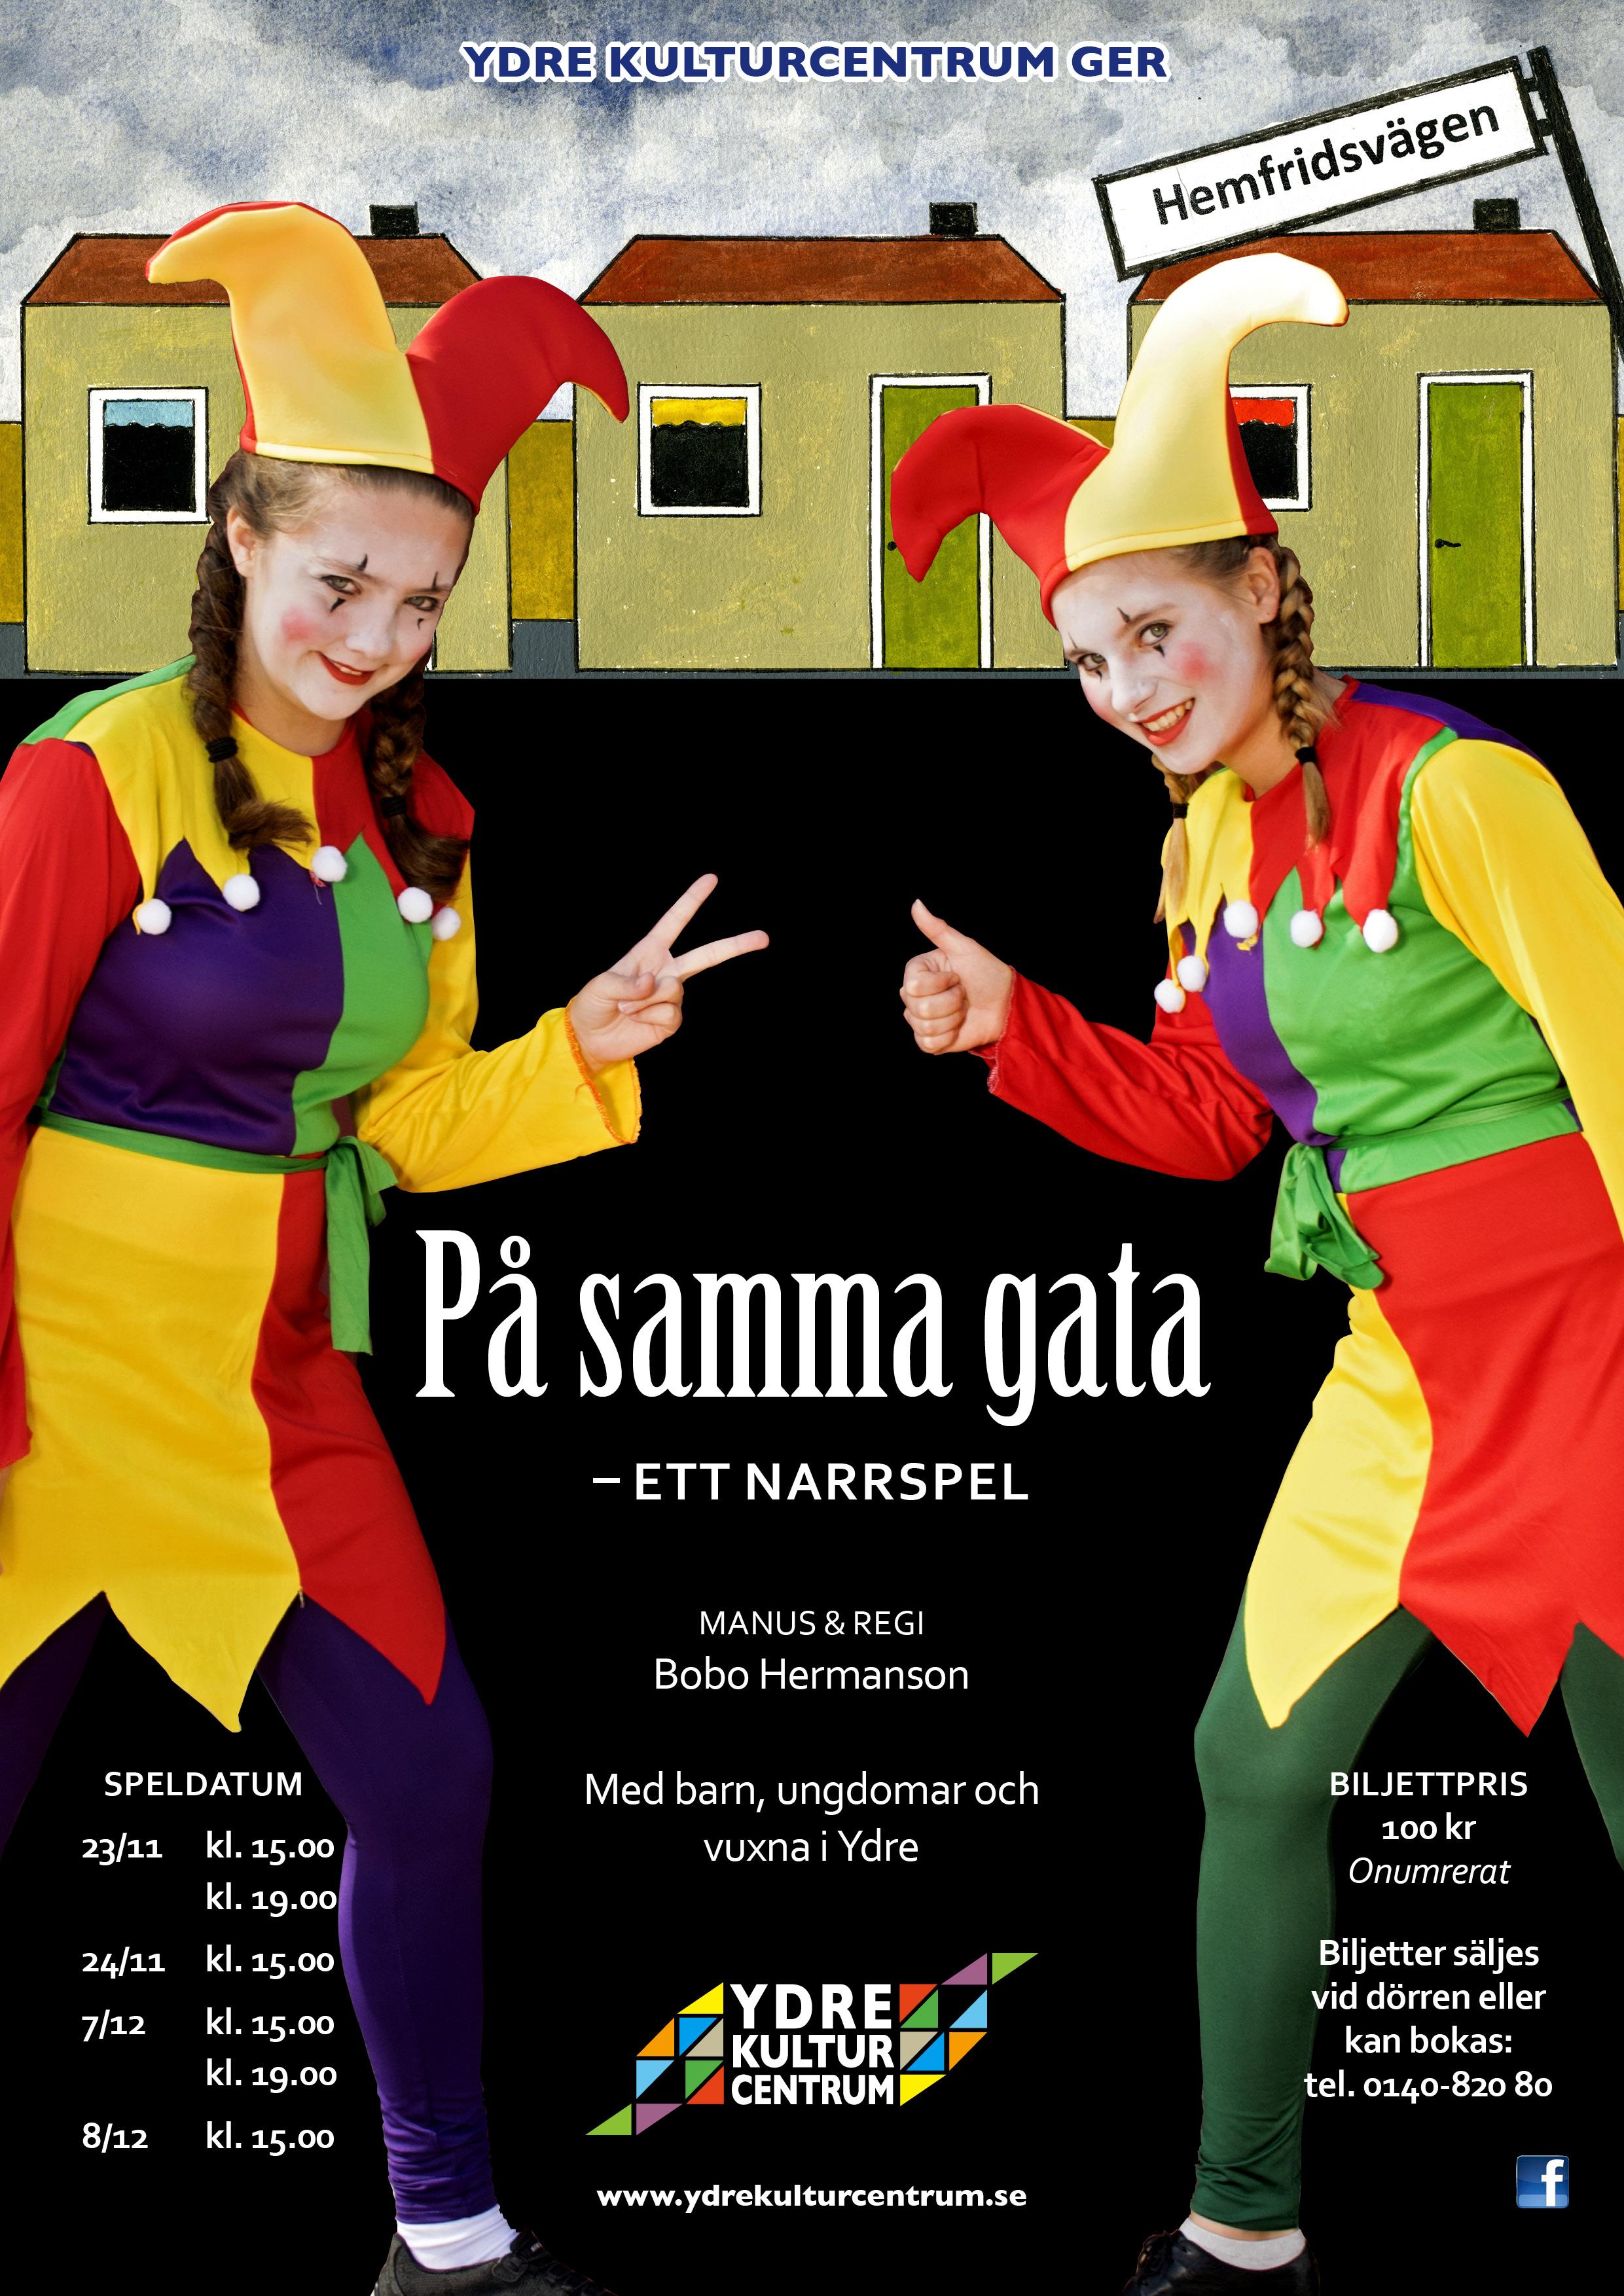 PÅ SAMMA GATA